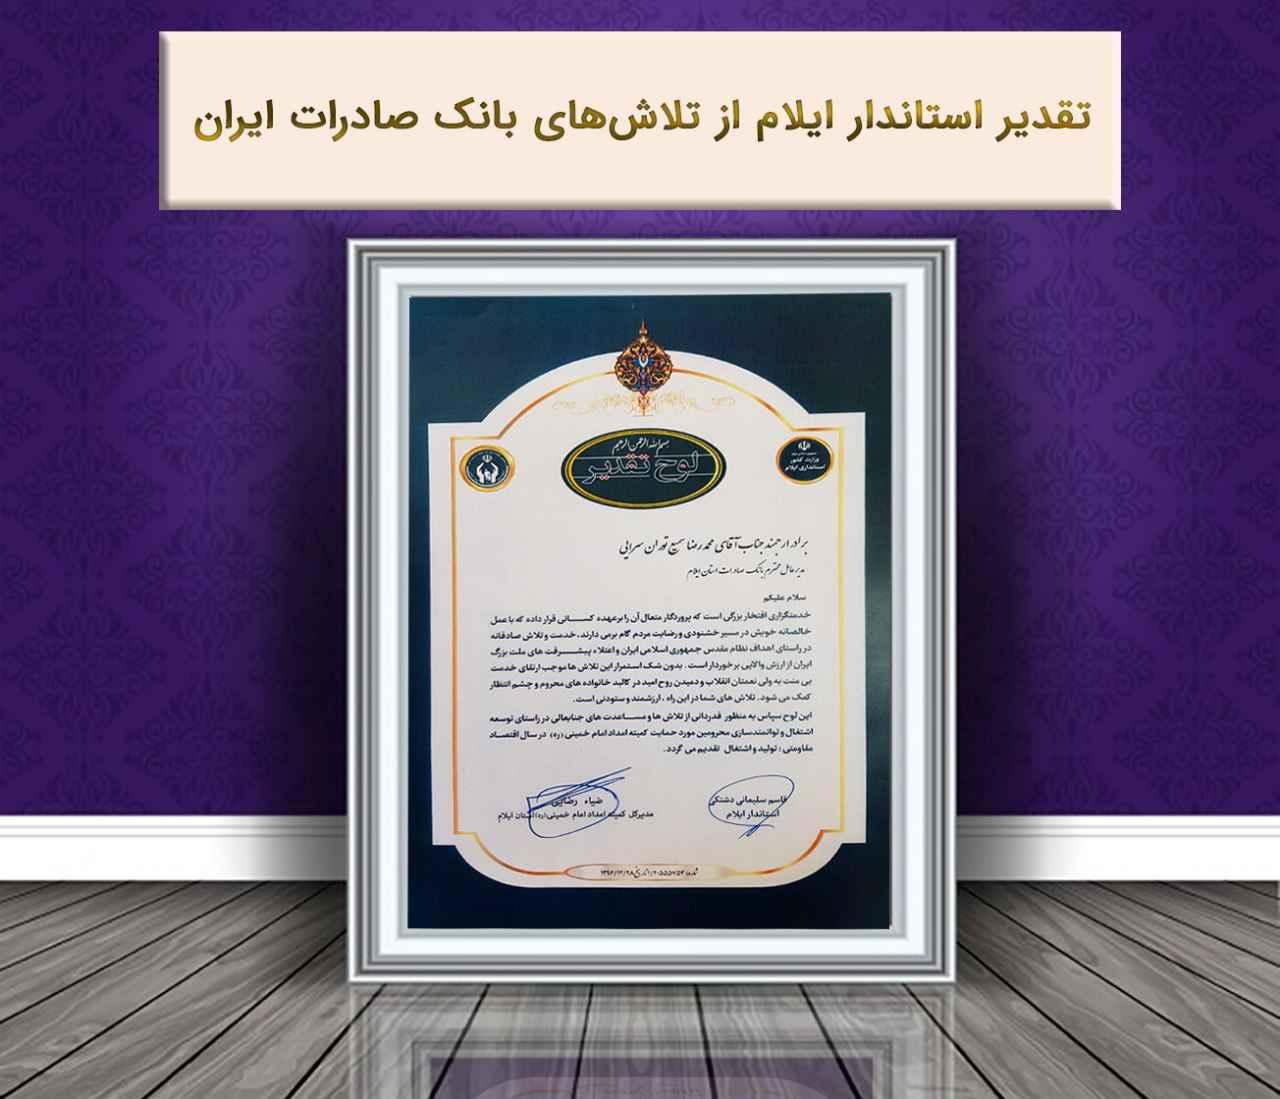 تقدیر استاندار ایلام از تلاشهای بانک صادرات ایران برای توسعه اشتغال